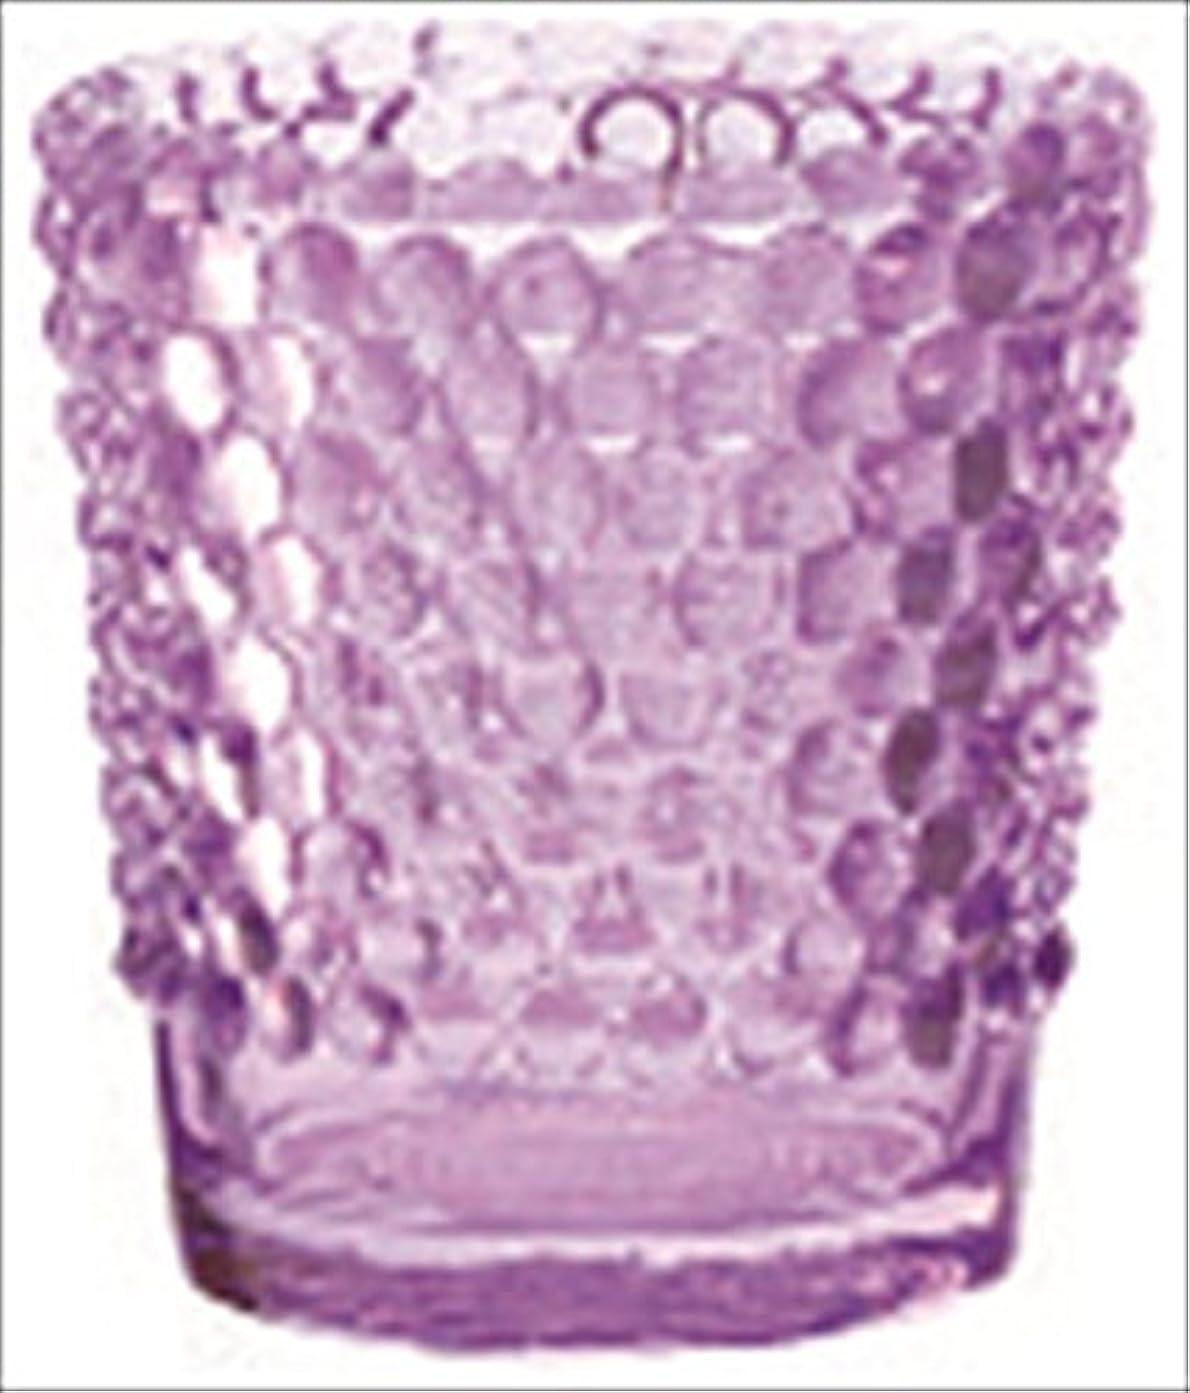 大気ドーム自伝カメヤマキャンドル( kameyama candle ) ホビネルグラス 「 アメジスト 」